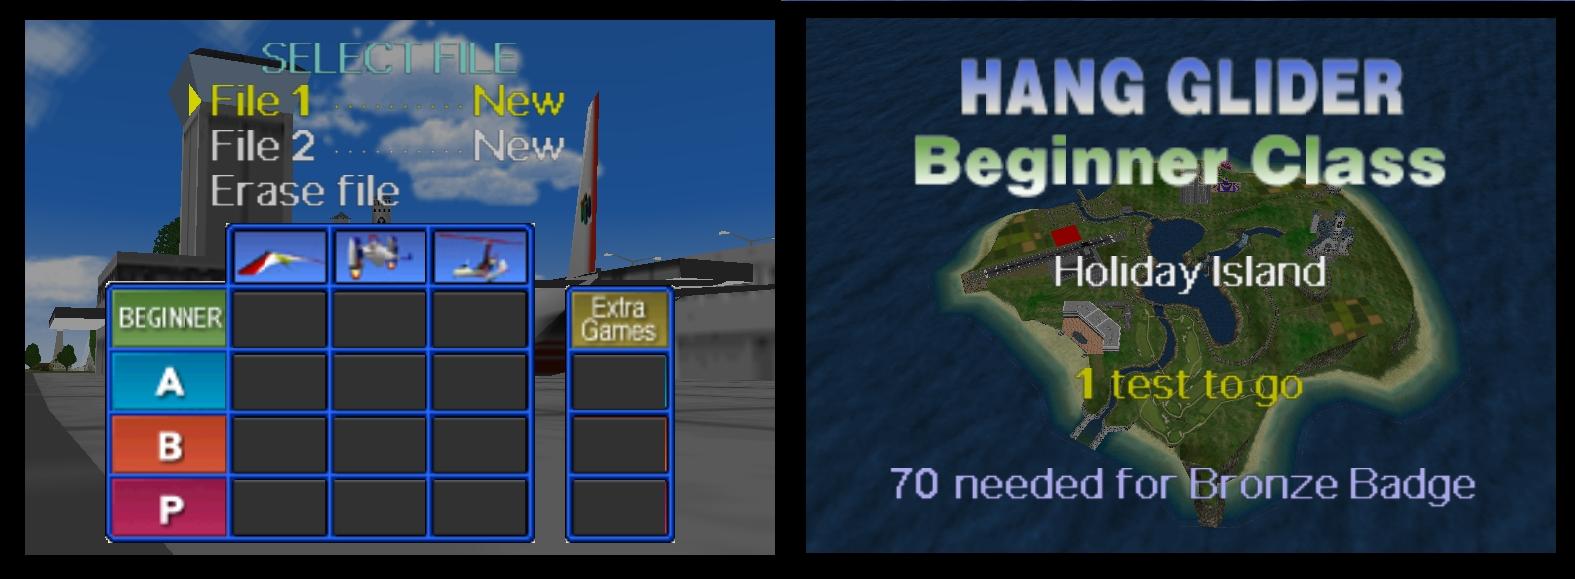 Pilotwings 64 valikko ja saari